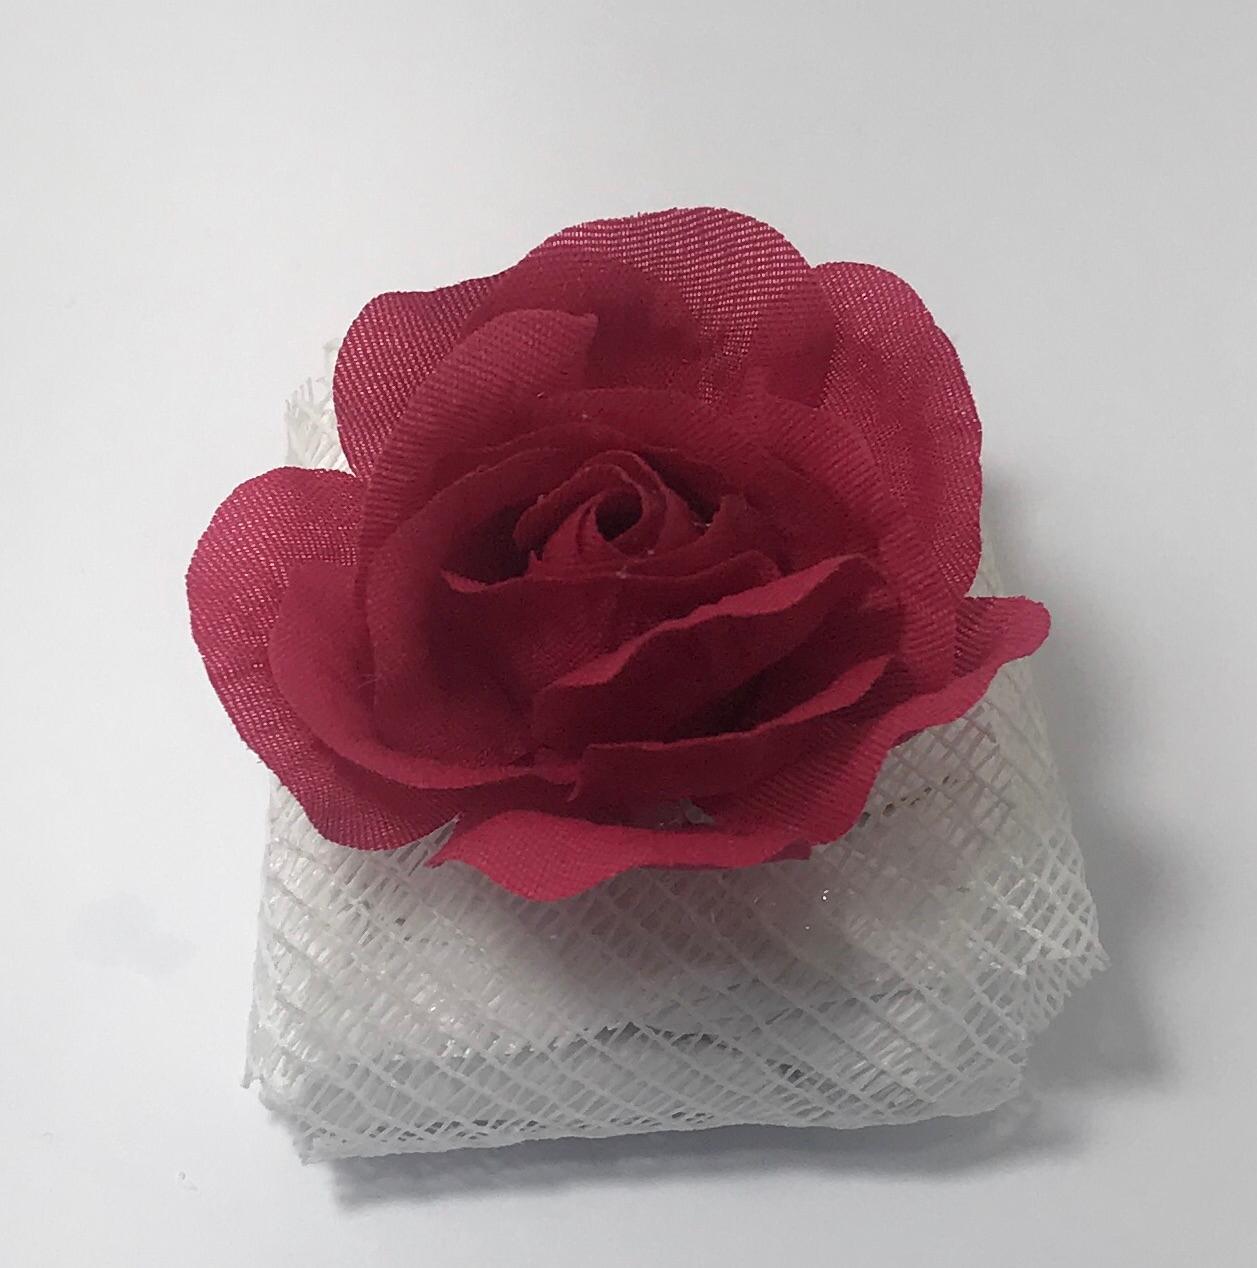 Caixas Bem Casado Rô Artesanato Cristal/ Tela Pink